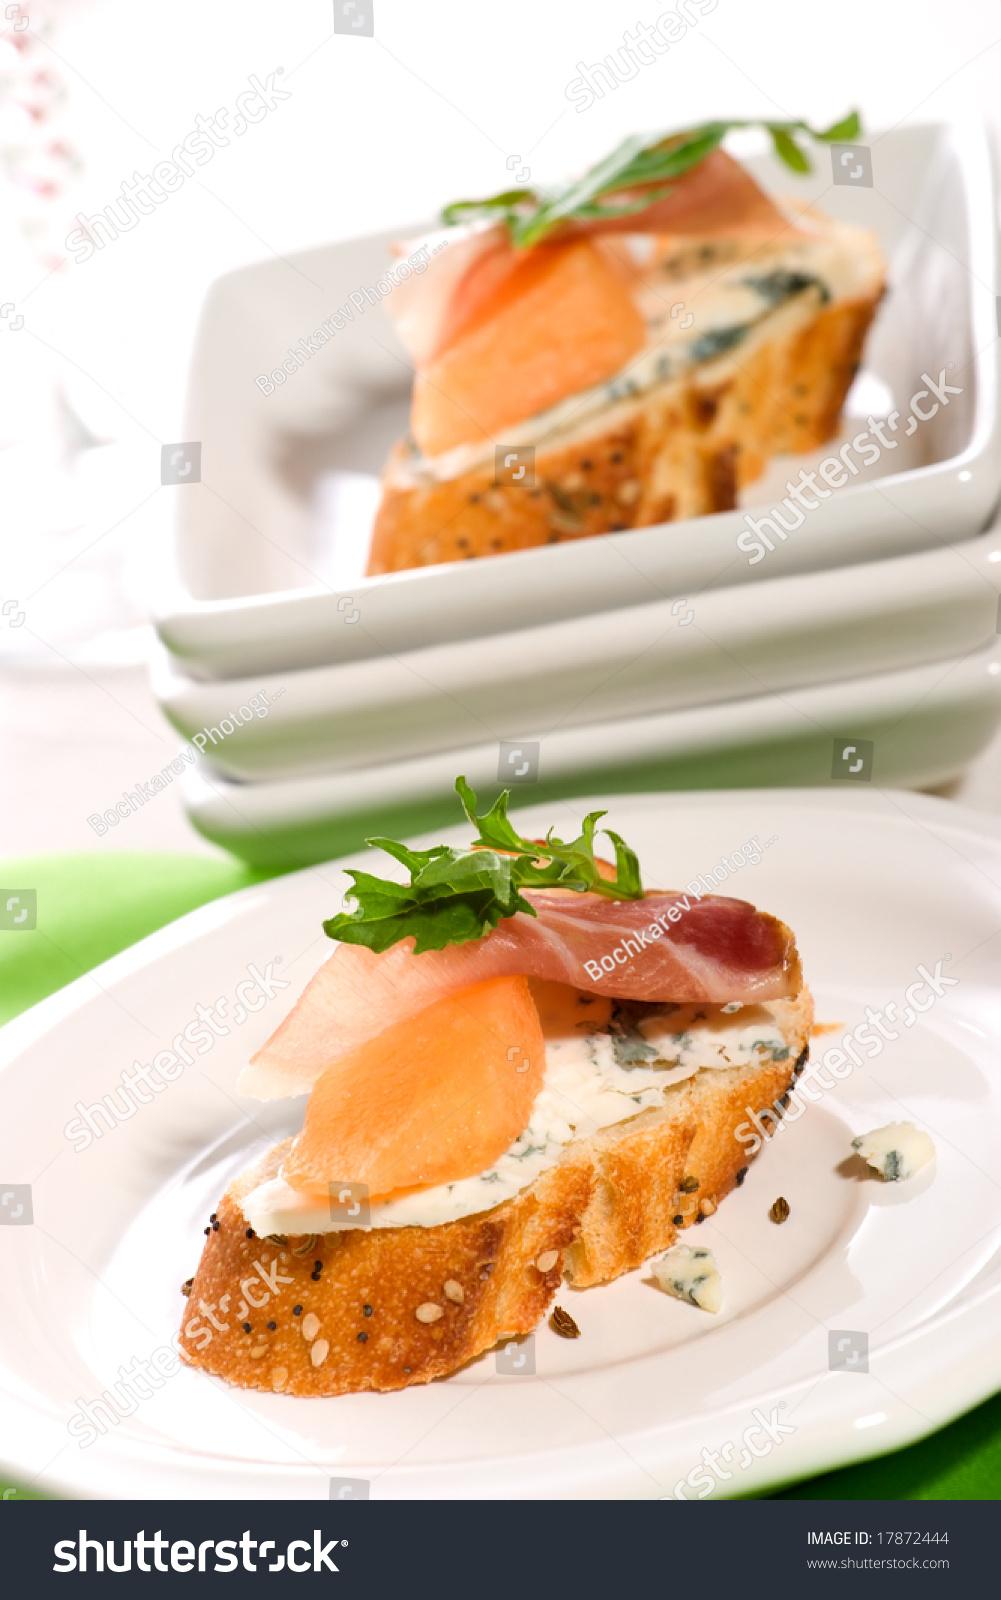 Closeup of two delicious prosciutto canapes sandwiches for Prosciutto canape